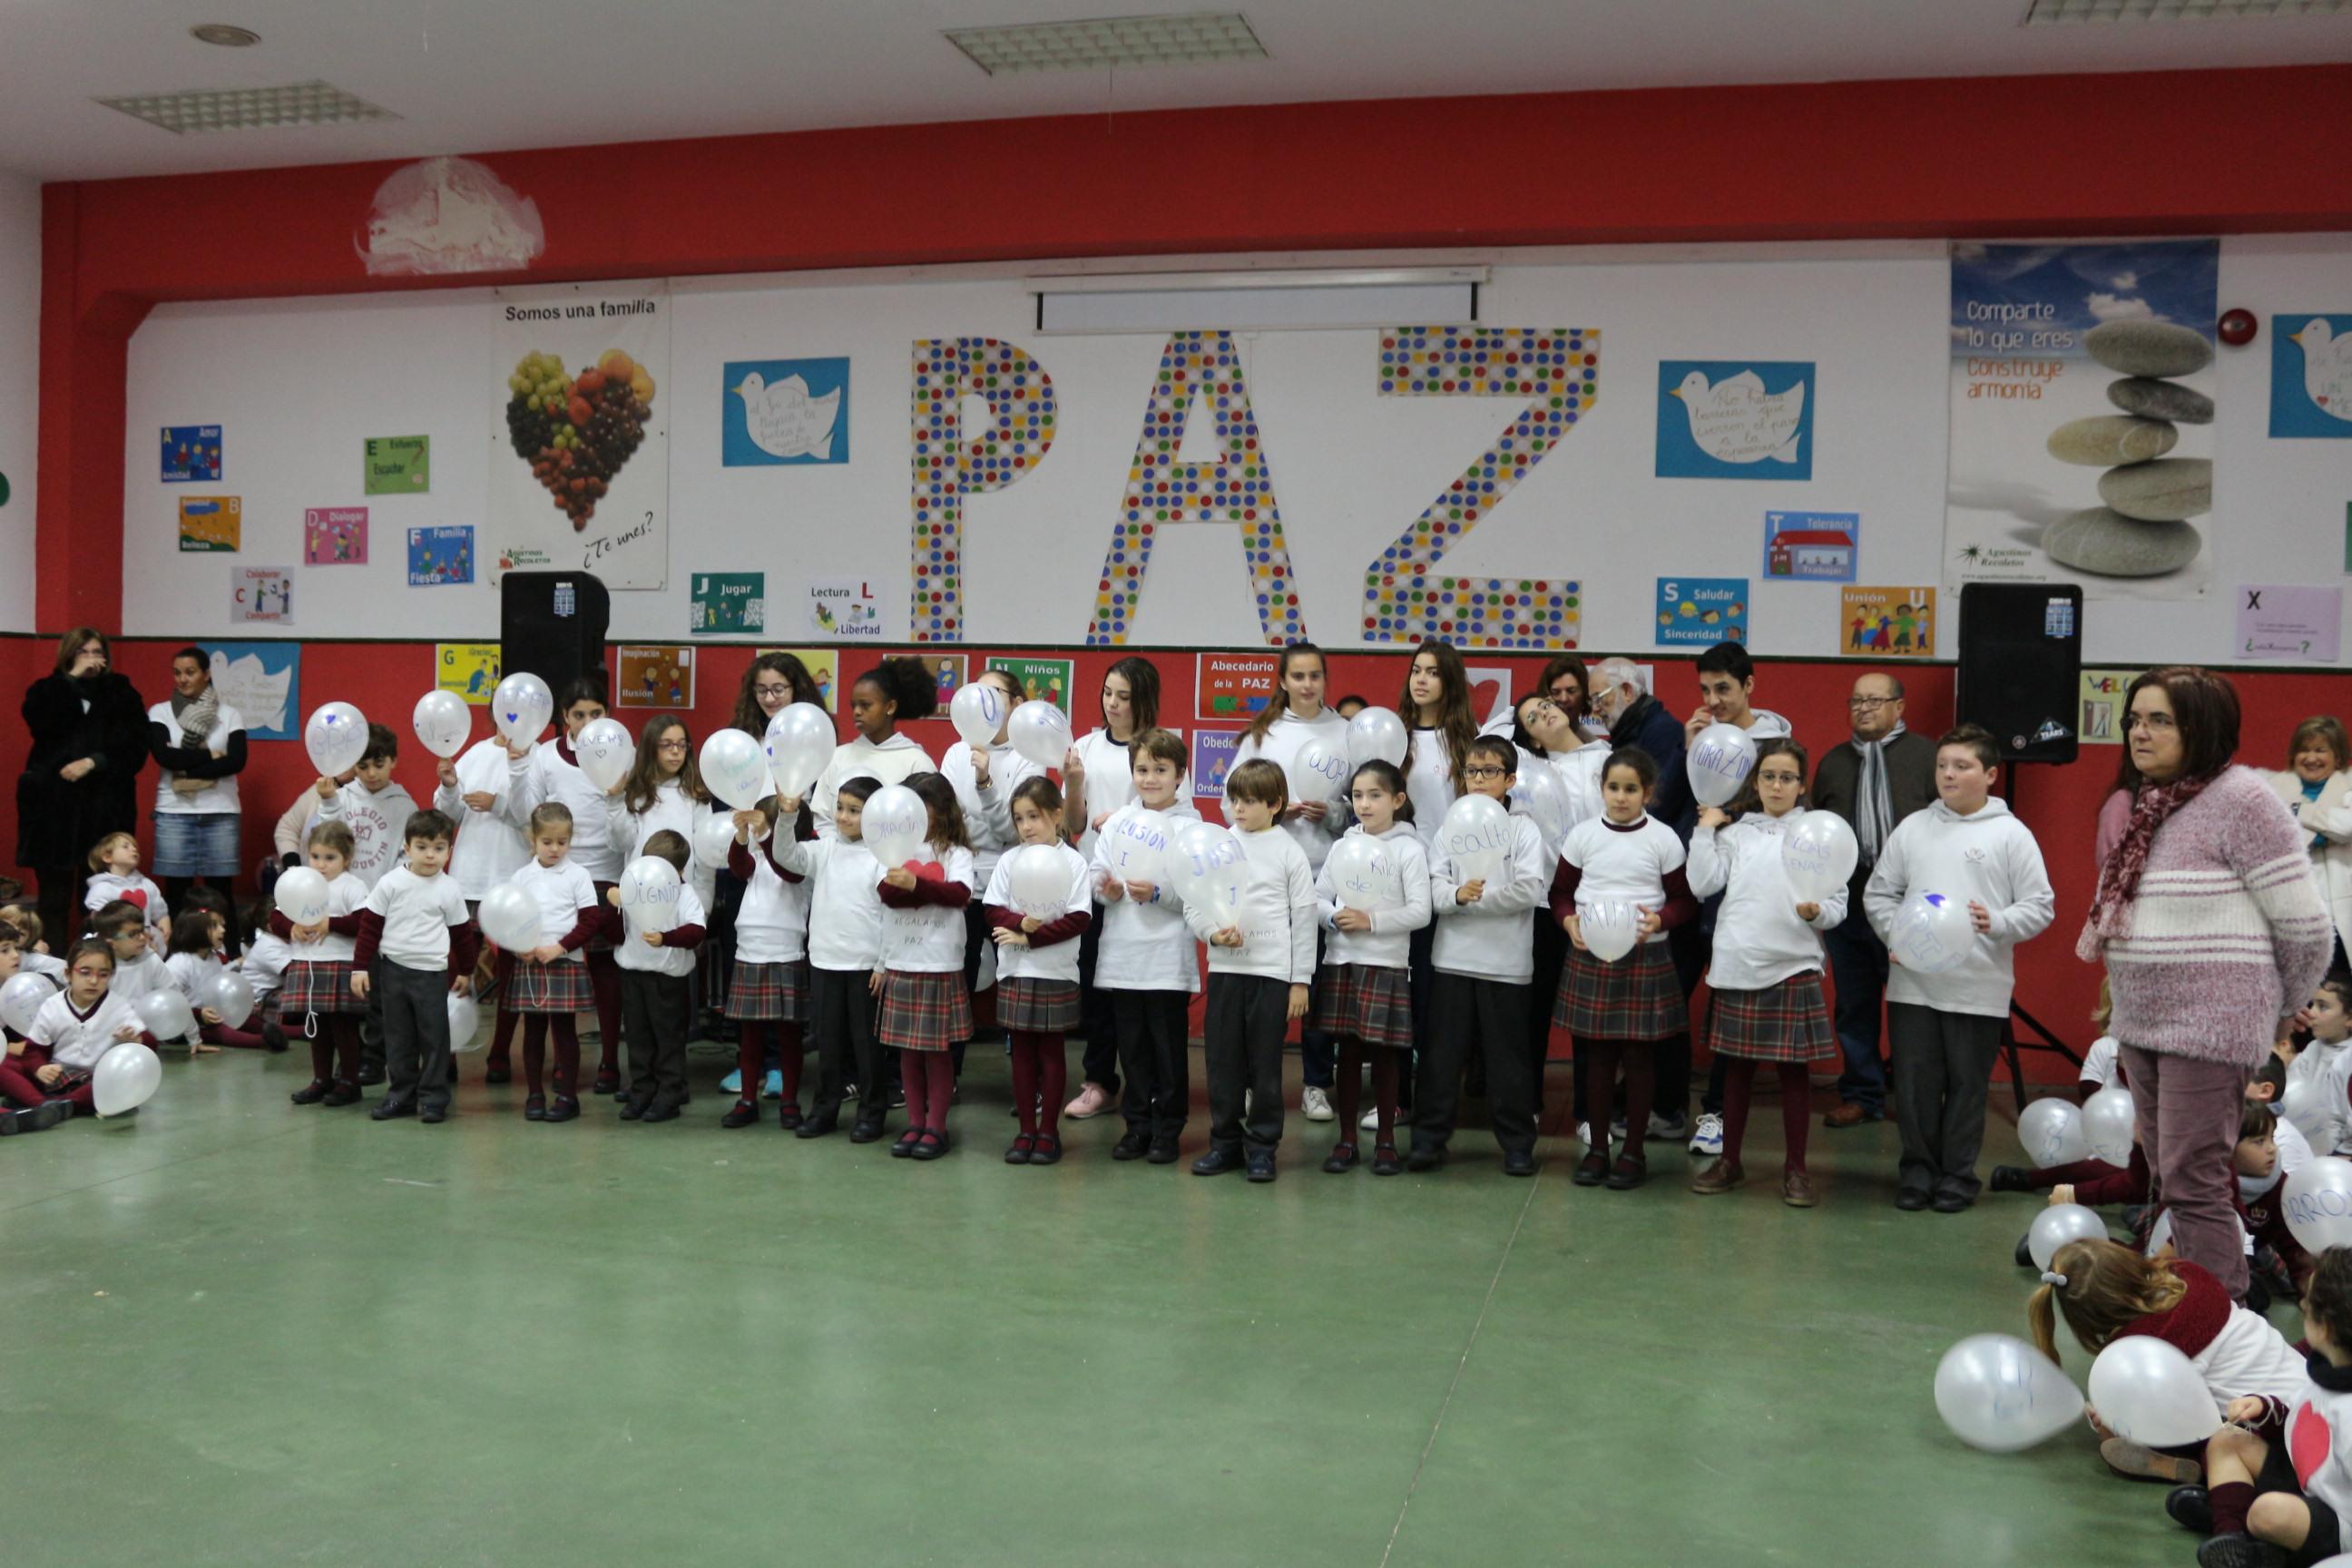 Momento del acto en el colegio San Agustín.